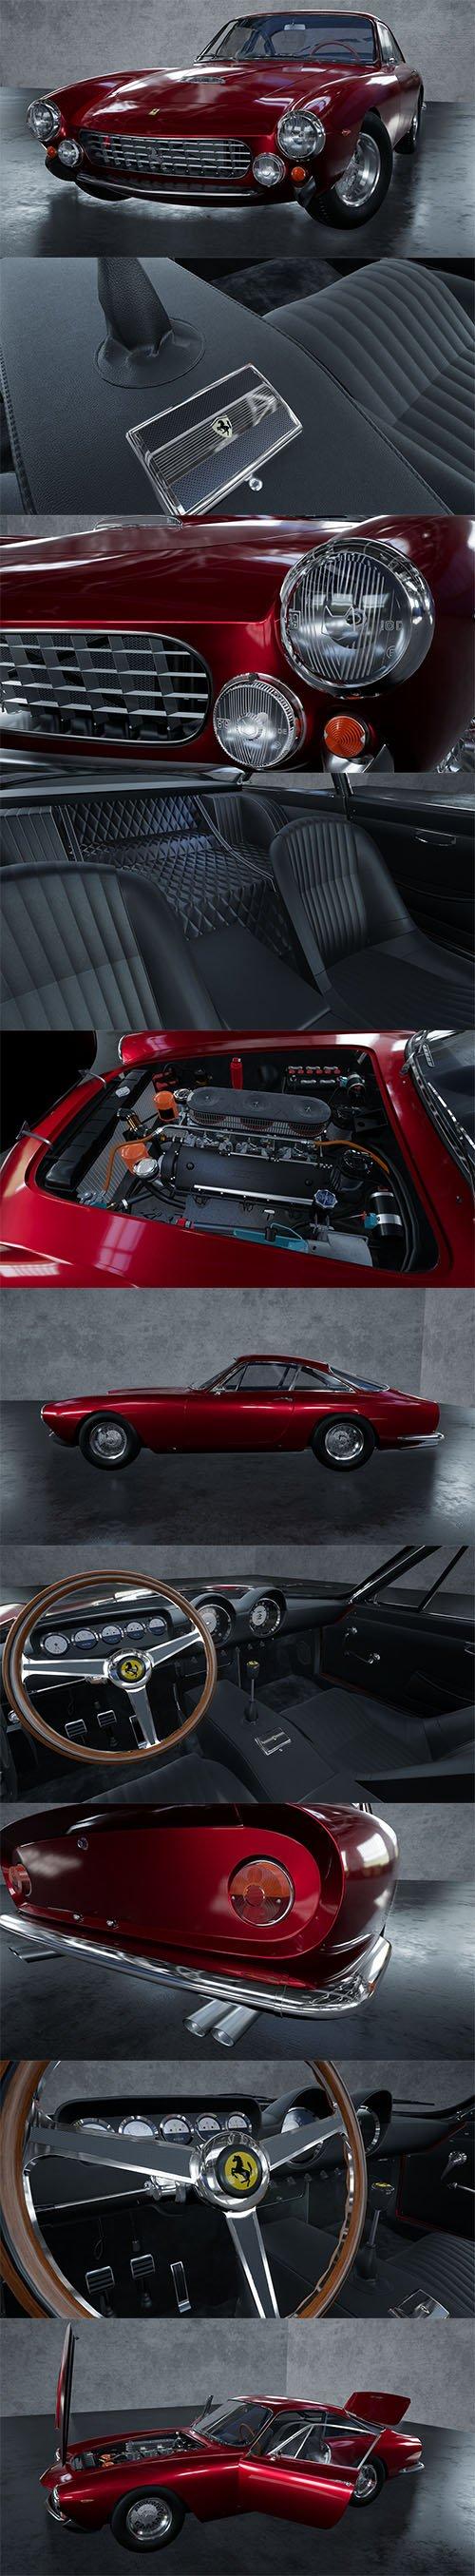 1962 Ferrari 250 GT Berlinetta Lusso